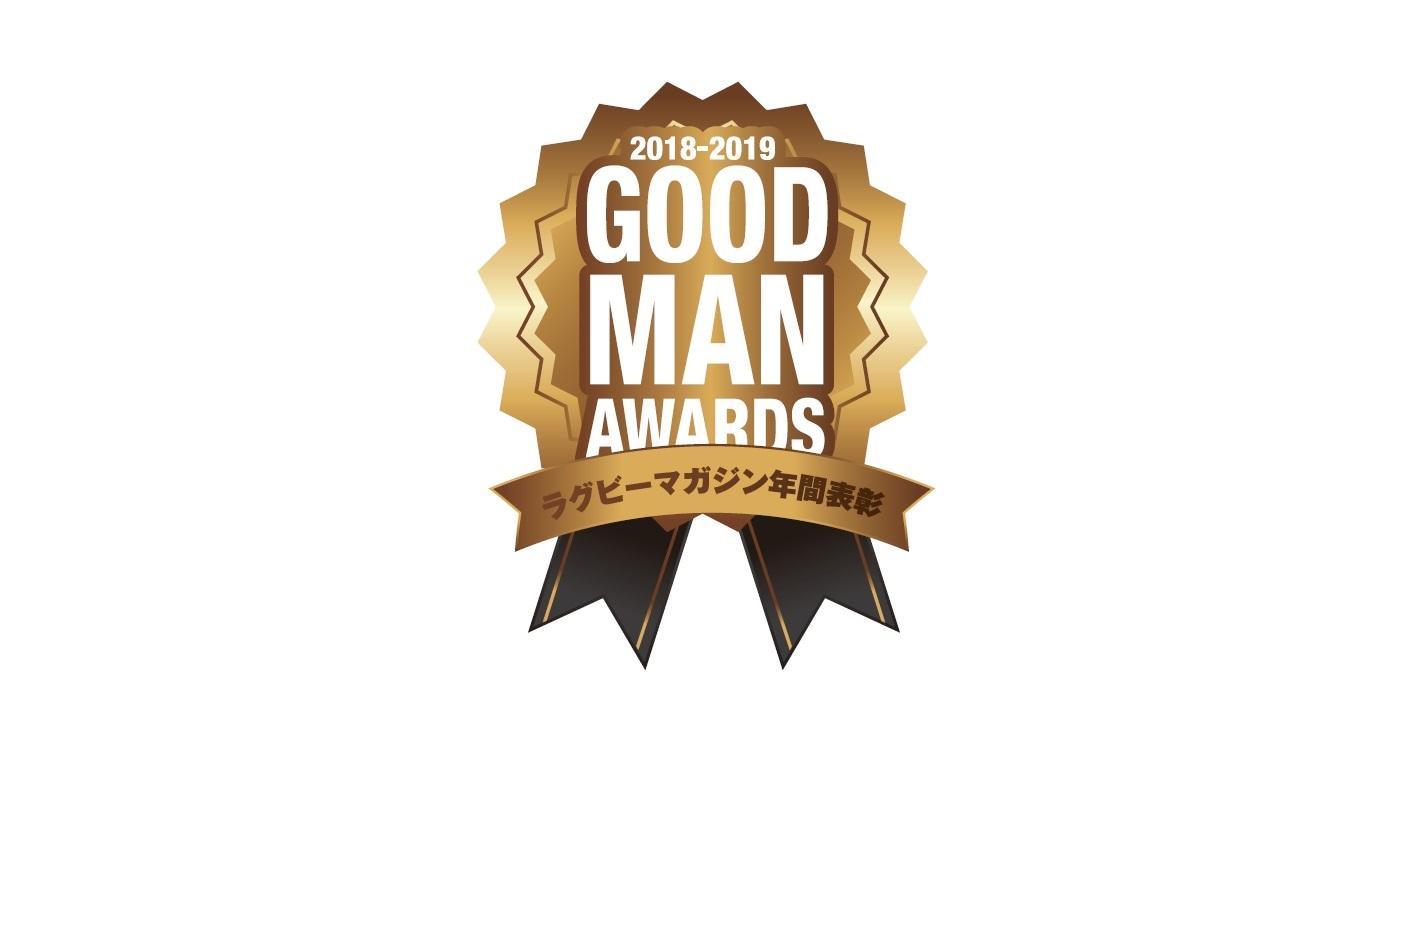 ラグマガ年間表彰「GOOD MAN AWARDS」。きょう13時 投票締め切り!